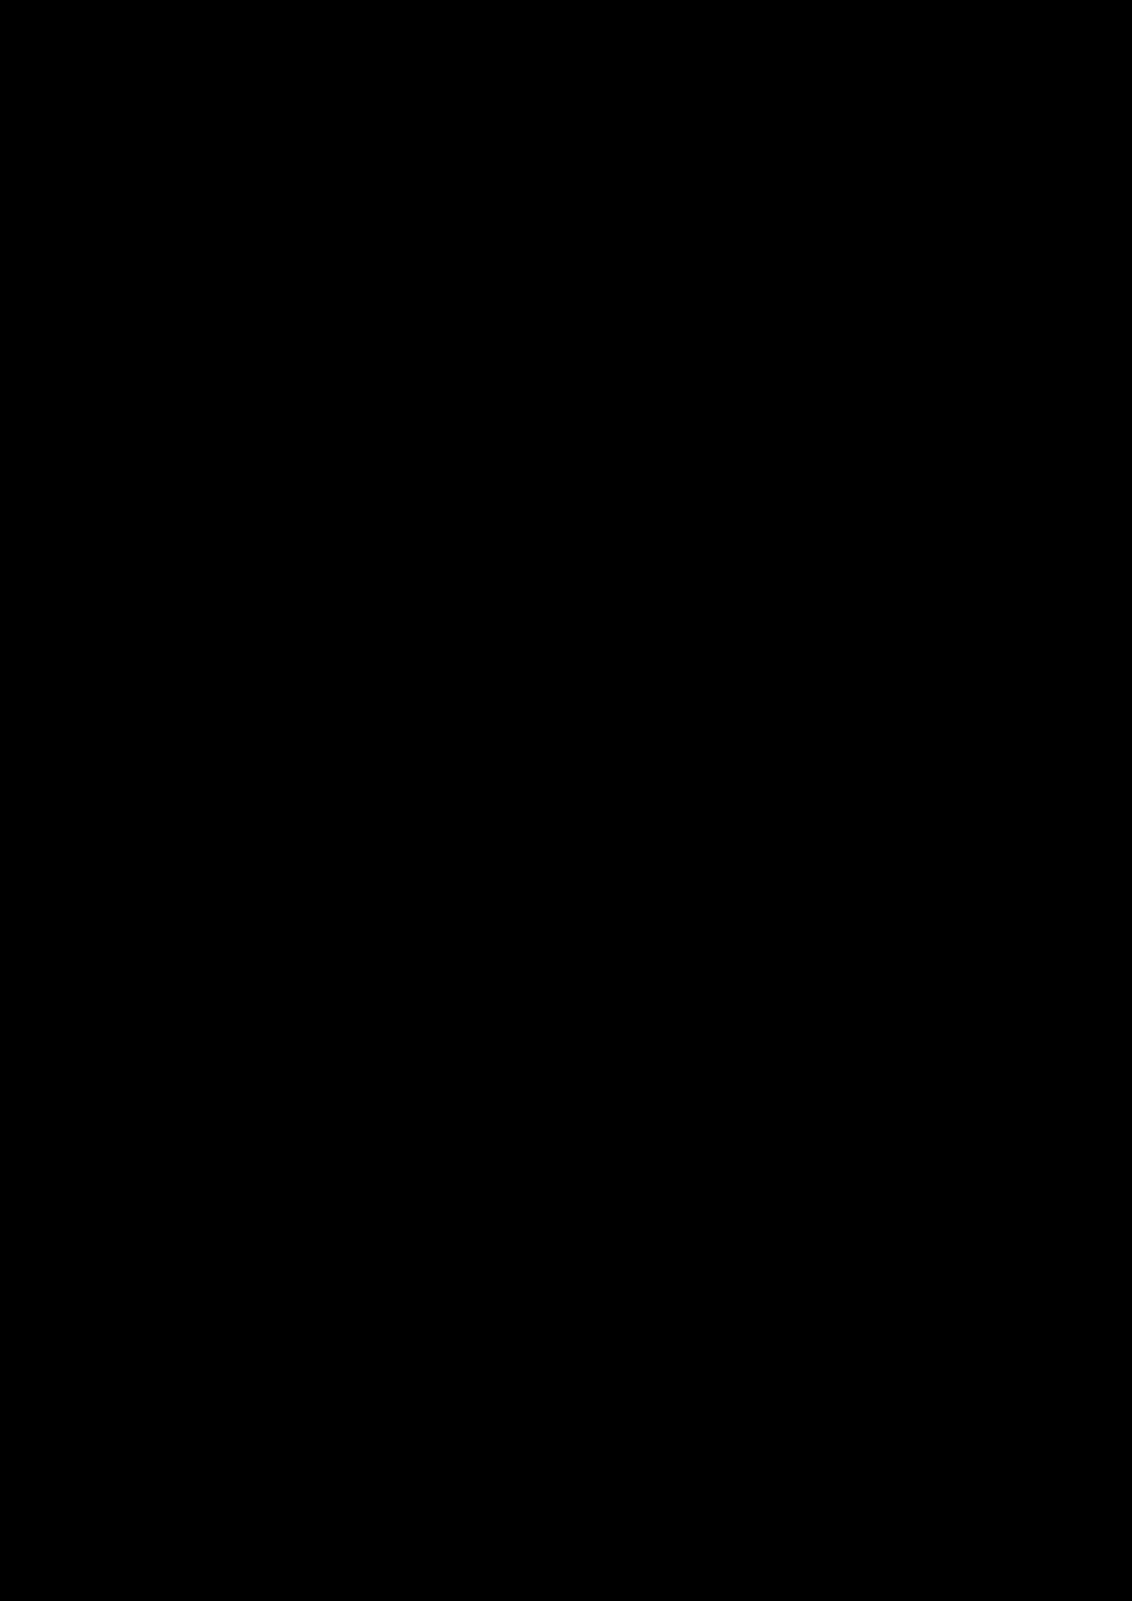 Proschanie s volshebnoy stranoy slide, Image 17